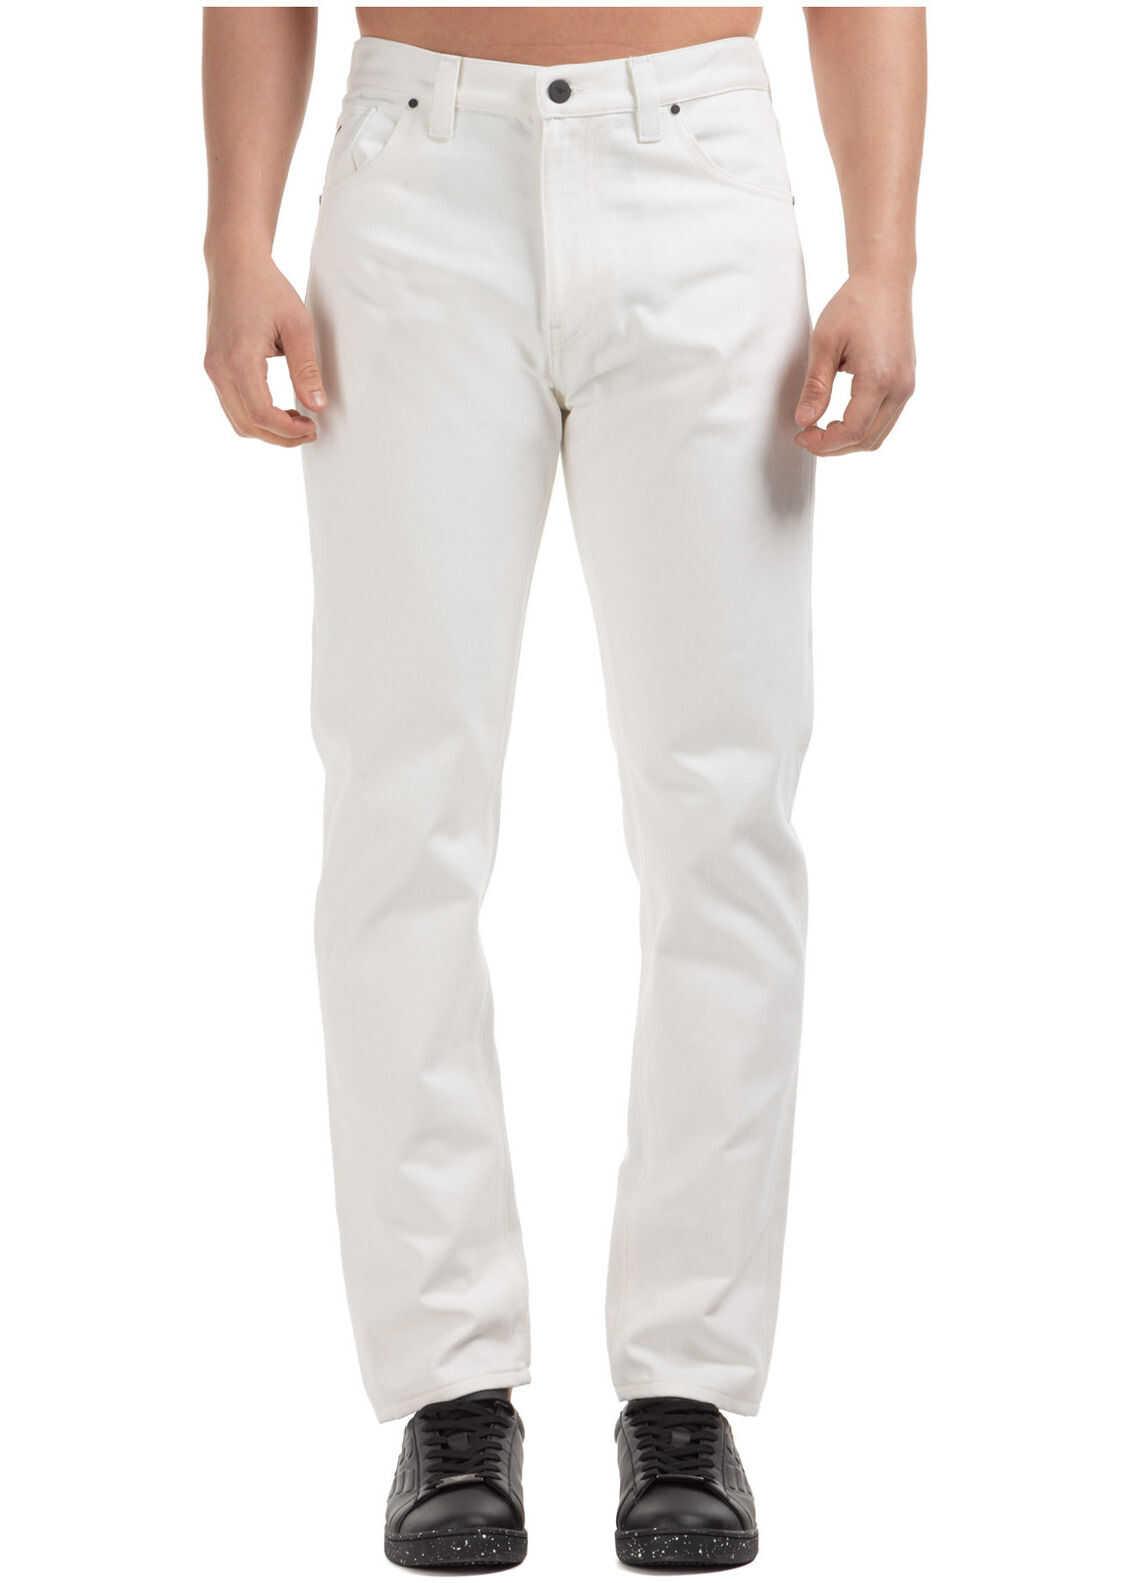 Emporio Armani Jeans Denim White